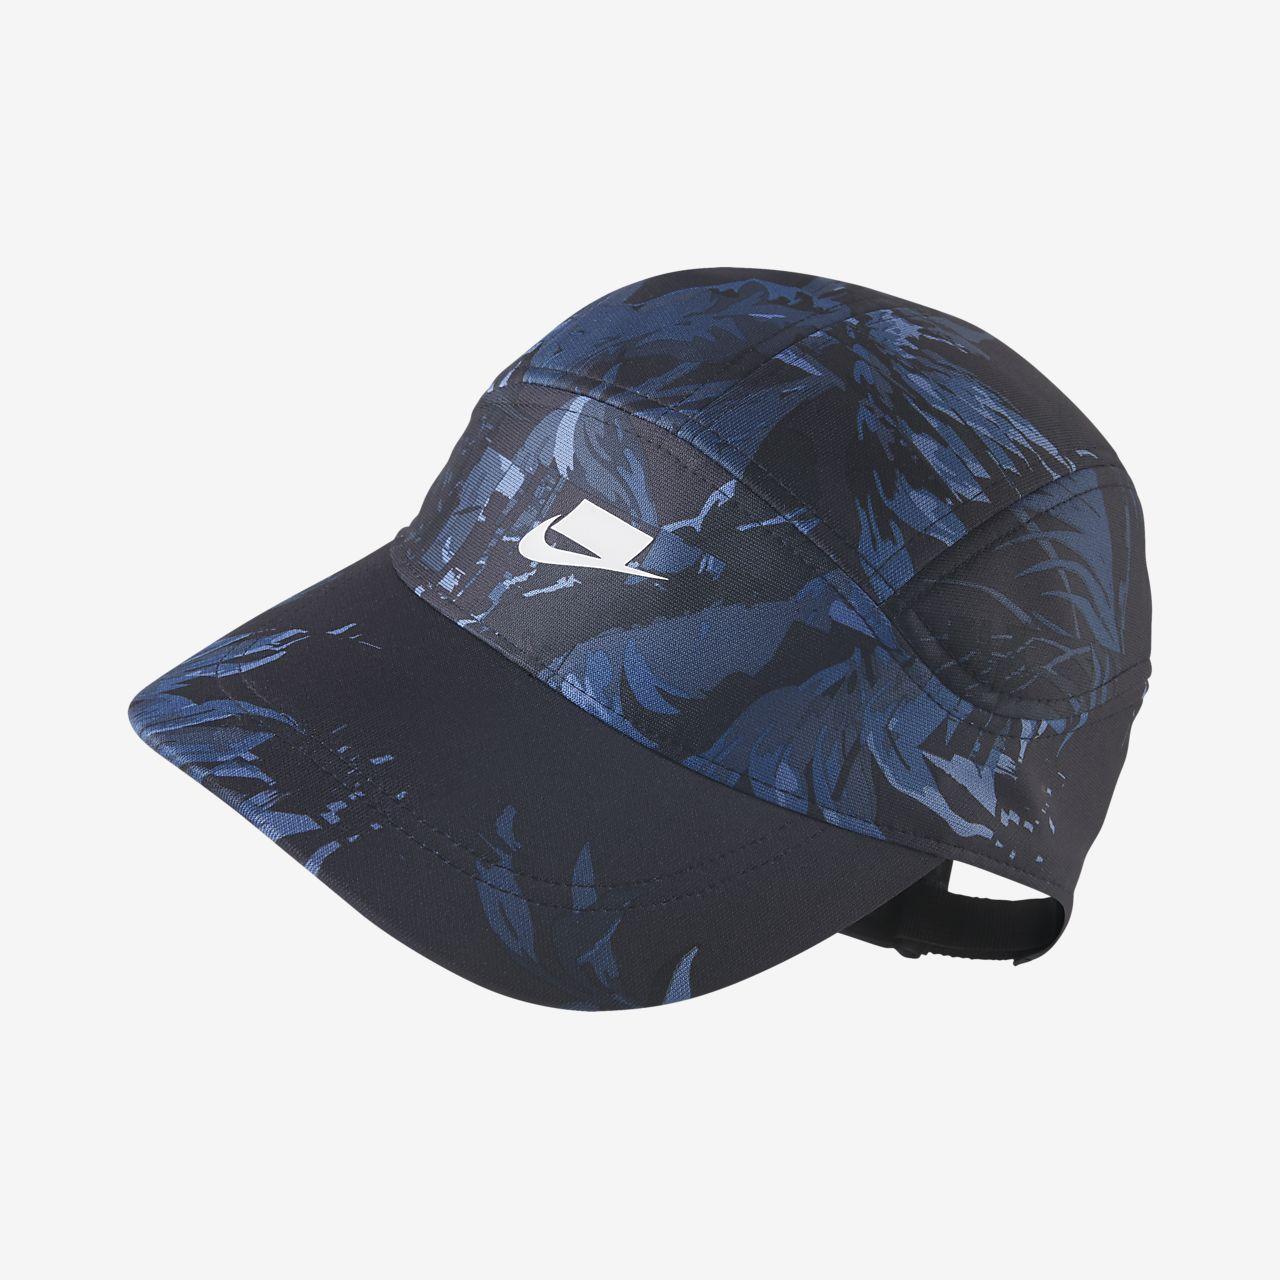 หมวกแก๊ปปรับได้ Nike Sportswear Tailwind Floral